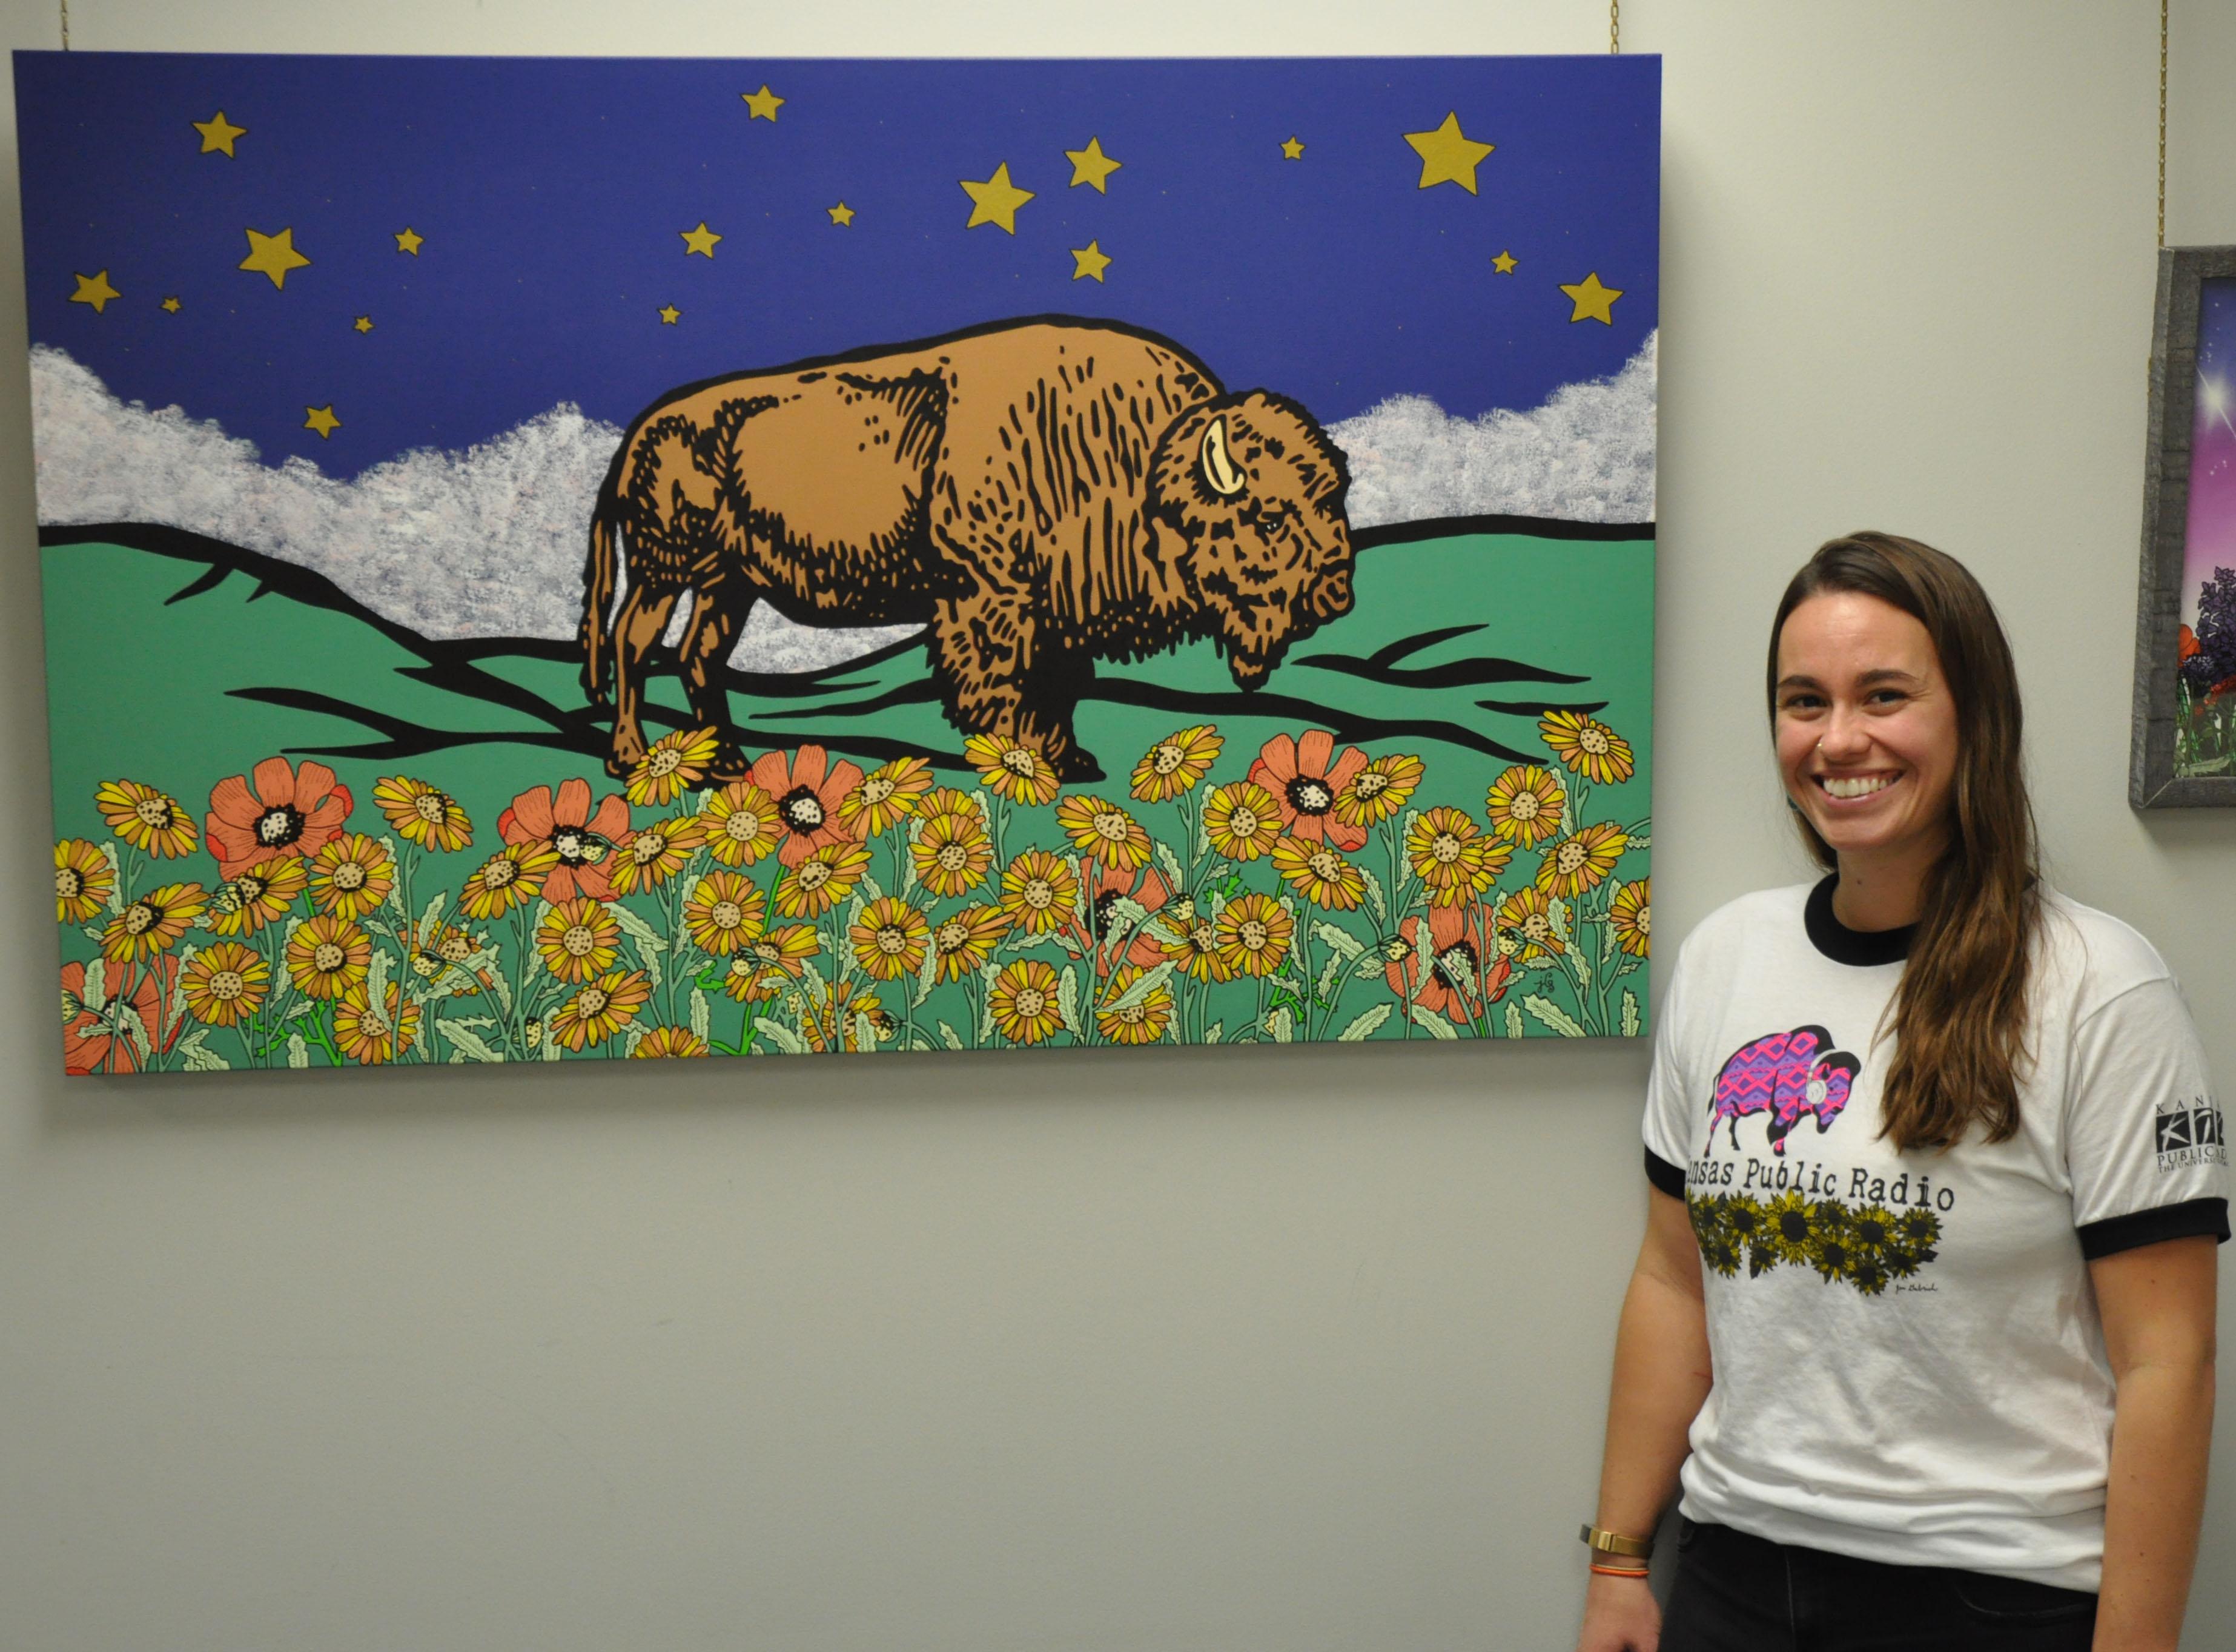 Local artist Jen Gabriele